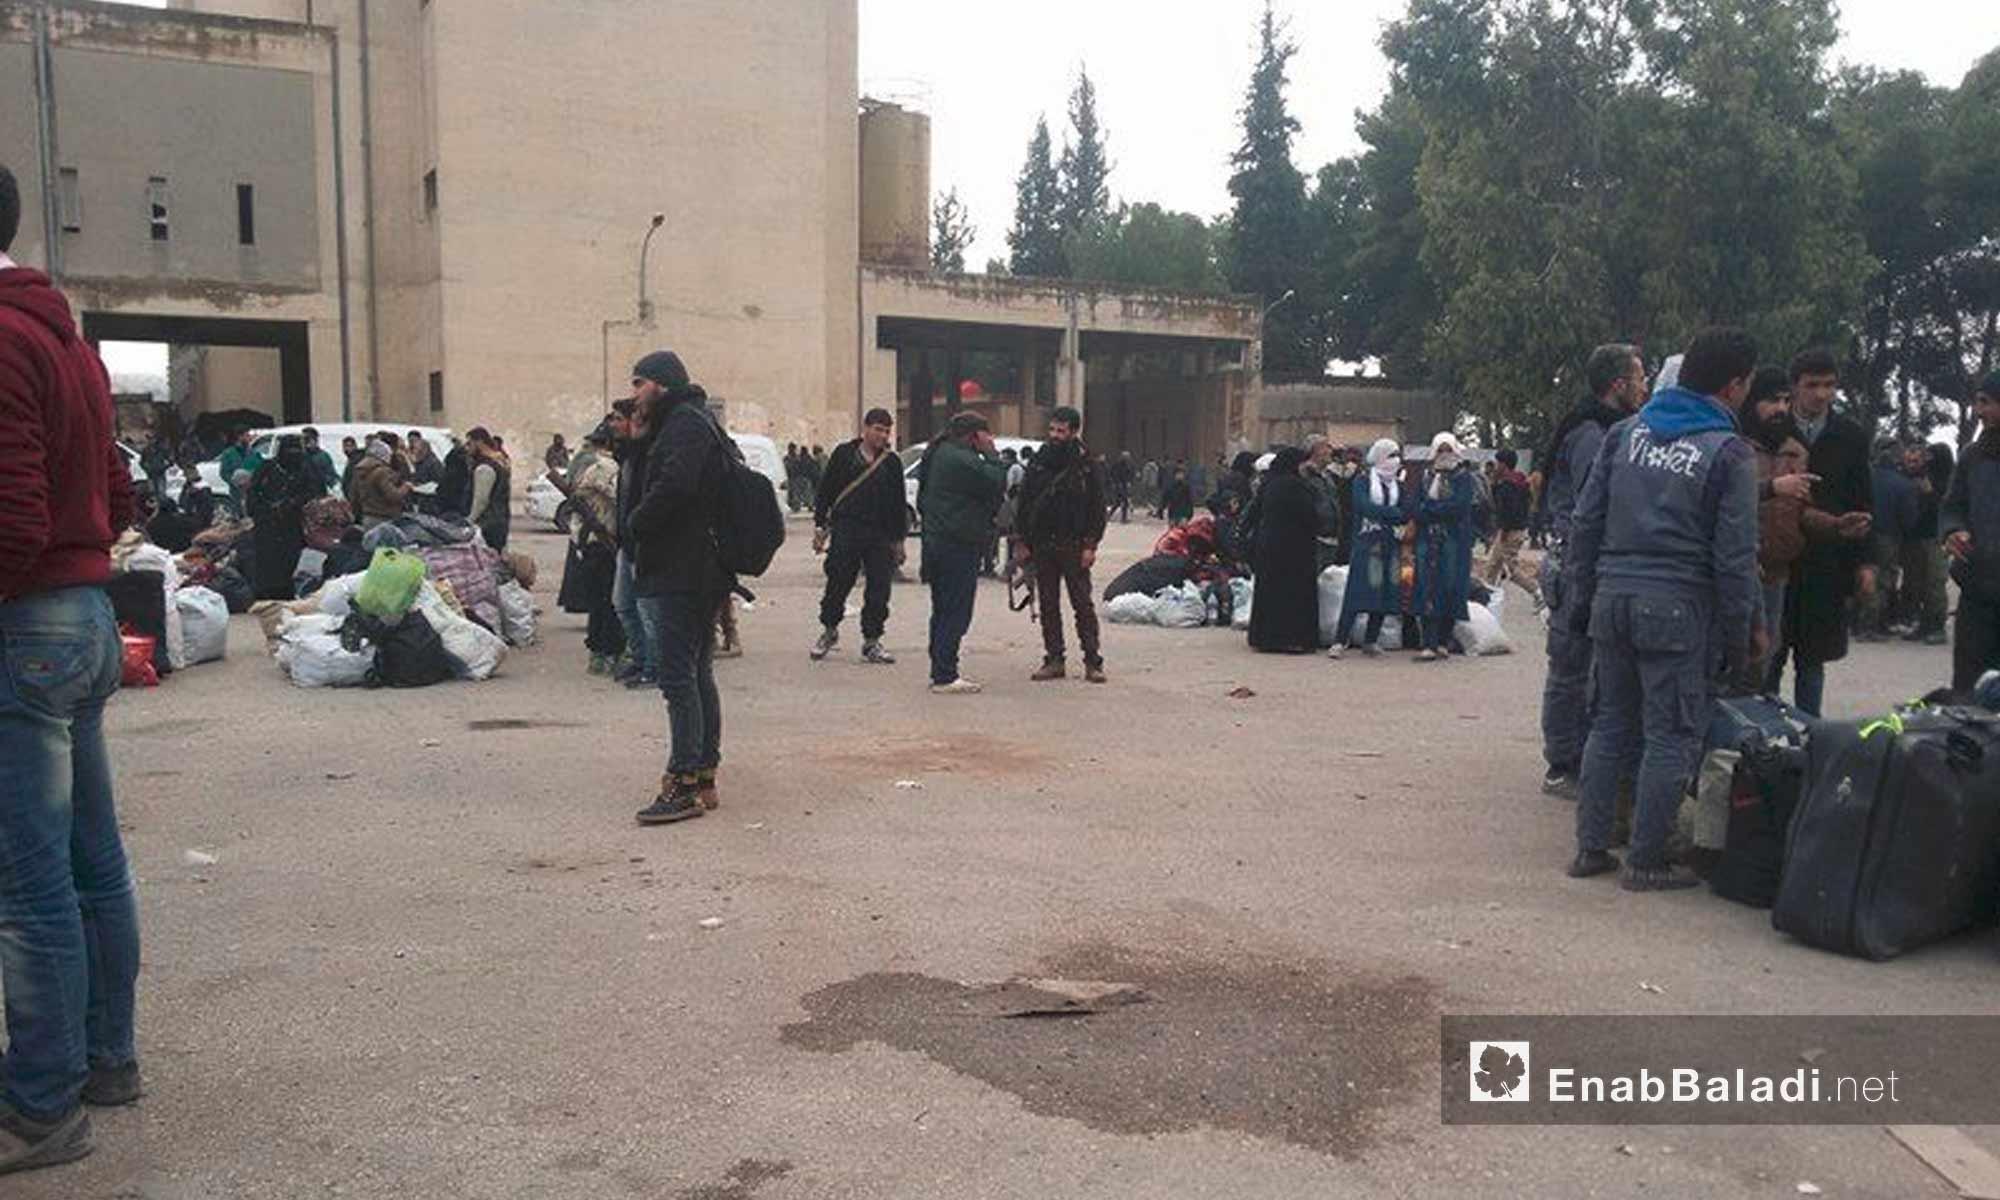 أهالي بلدتي خان الشيح وزاكية ينتظرون داخل حي قلعة المضيق في ريف حماة - 29 تشرين الثاني 2016 (عنب بلدي)